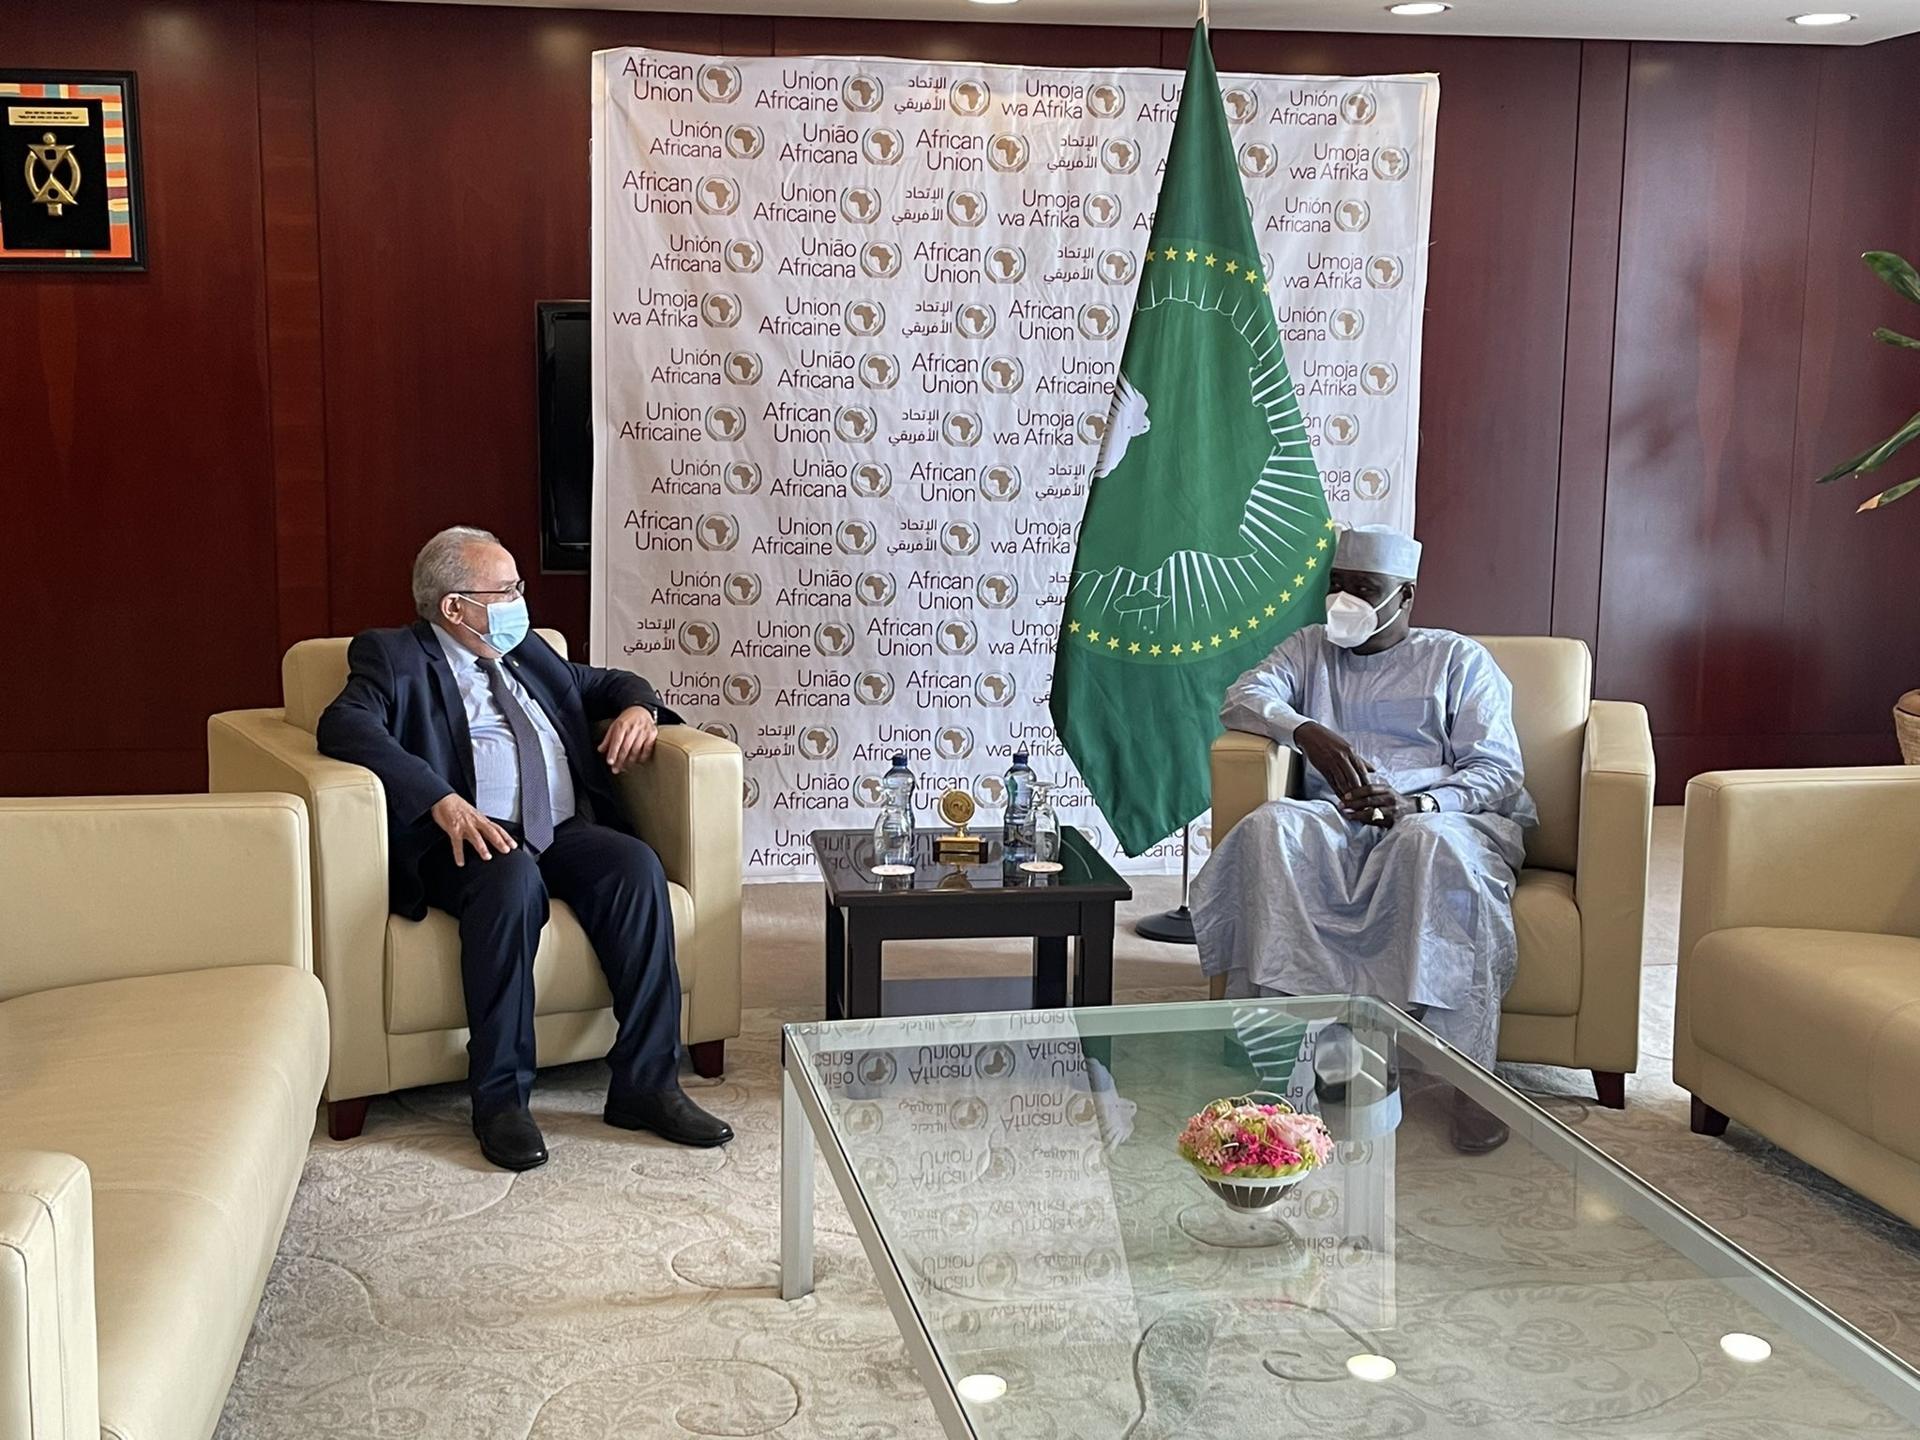 لعمامرة يلتقي رئيس مفوضية الاتحاد الأفريقي بأديس أبابا